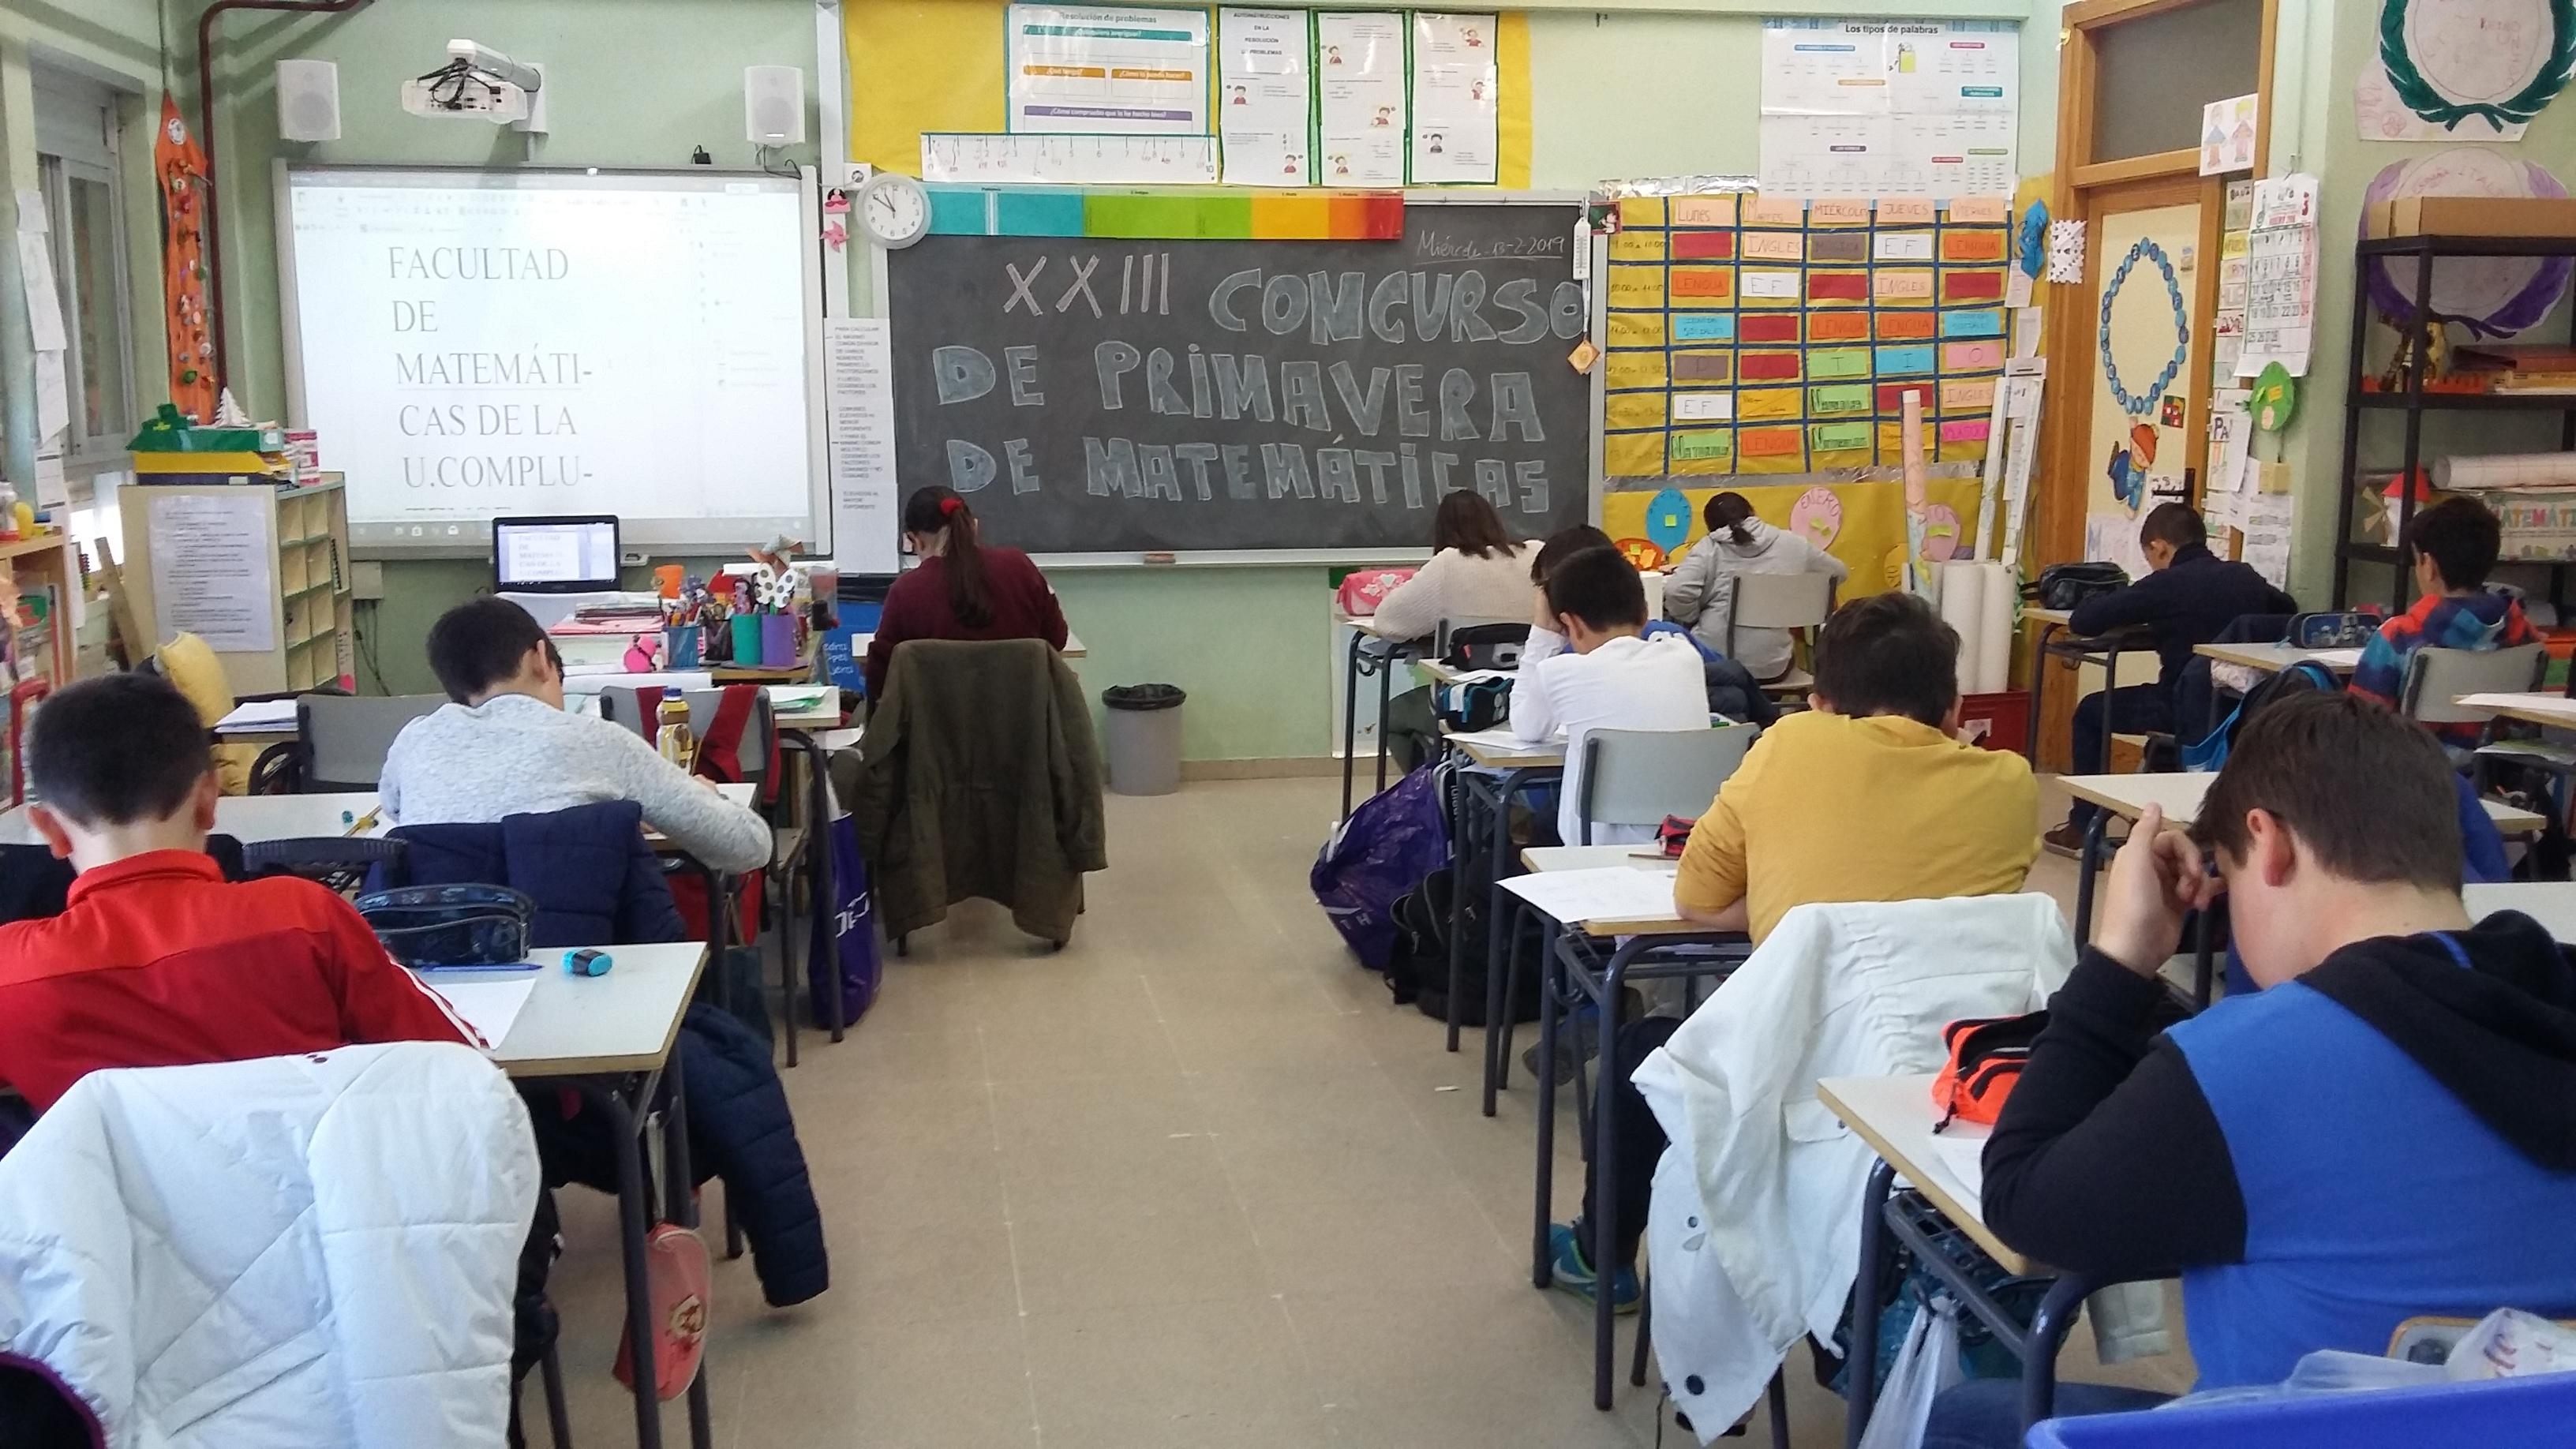 XXIII del Concurso de Primavera de Matemáticas